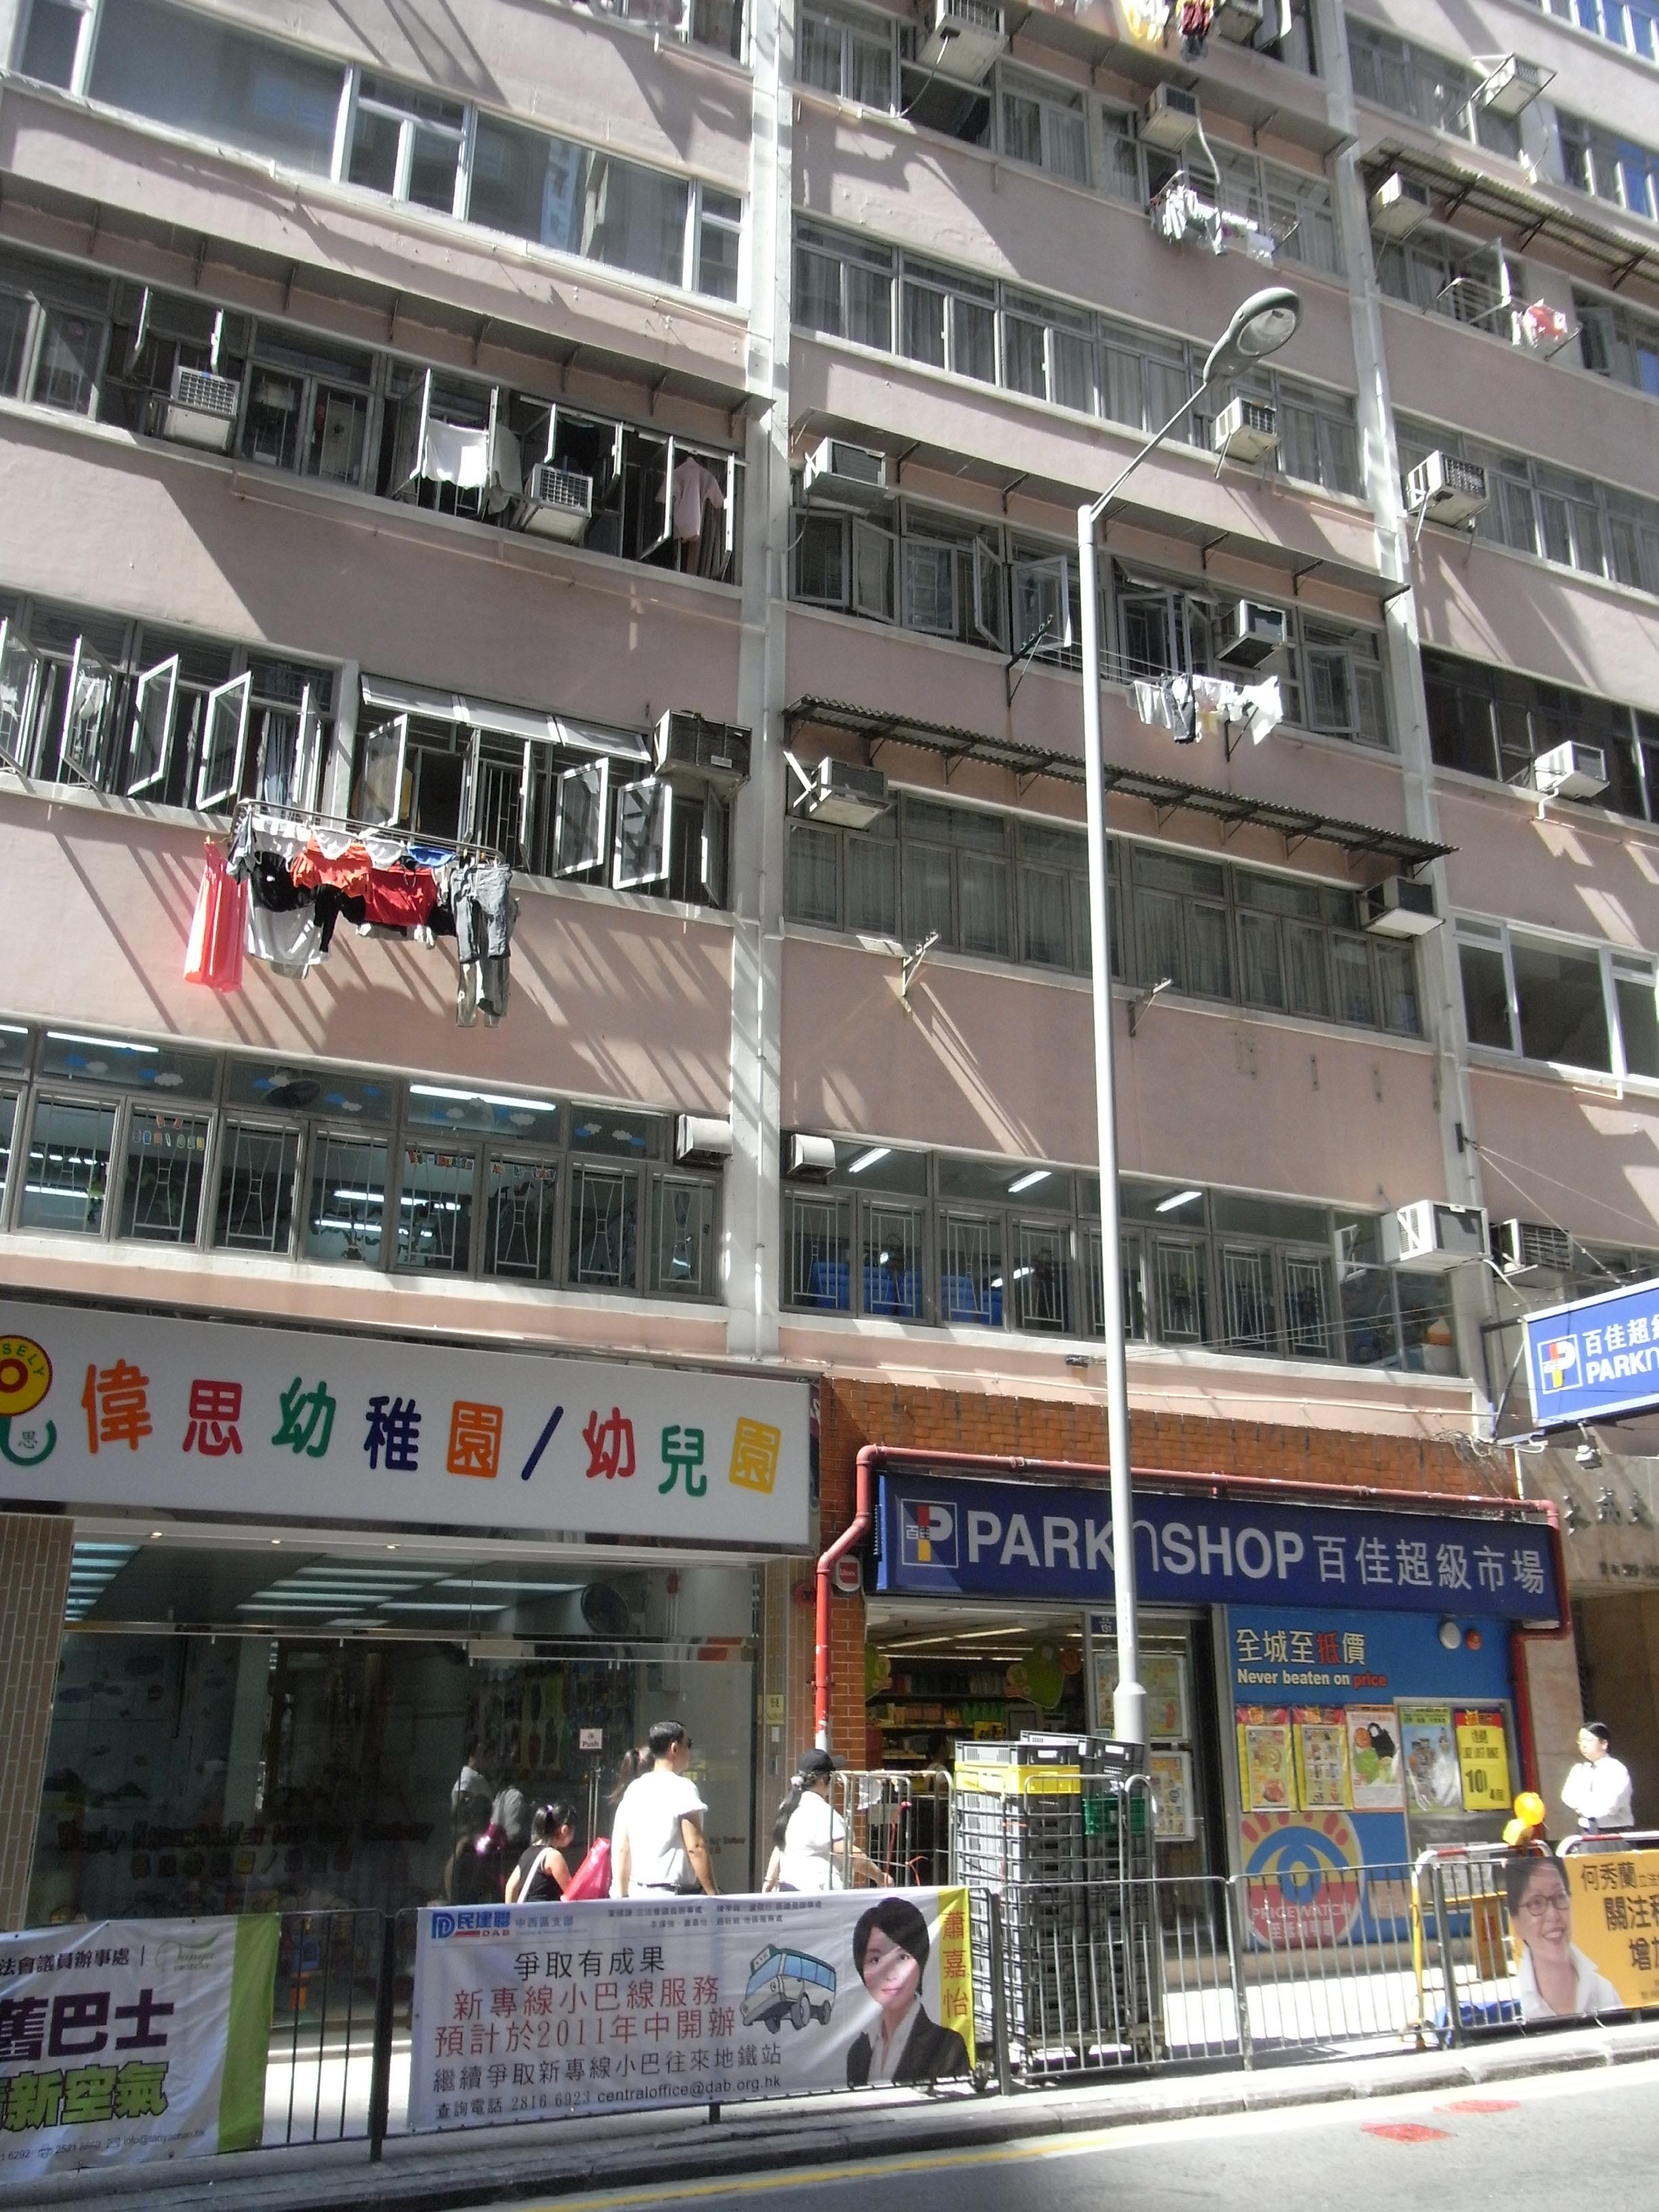 西環懷舊-西營盤,石塘咀,堅尼地城 (1) 附目錄656項(感謝傳媒多次推介) 社區歷史研究 - 香港懷舊文化 - Uwants.com